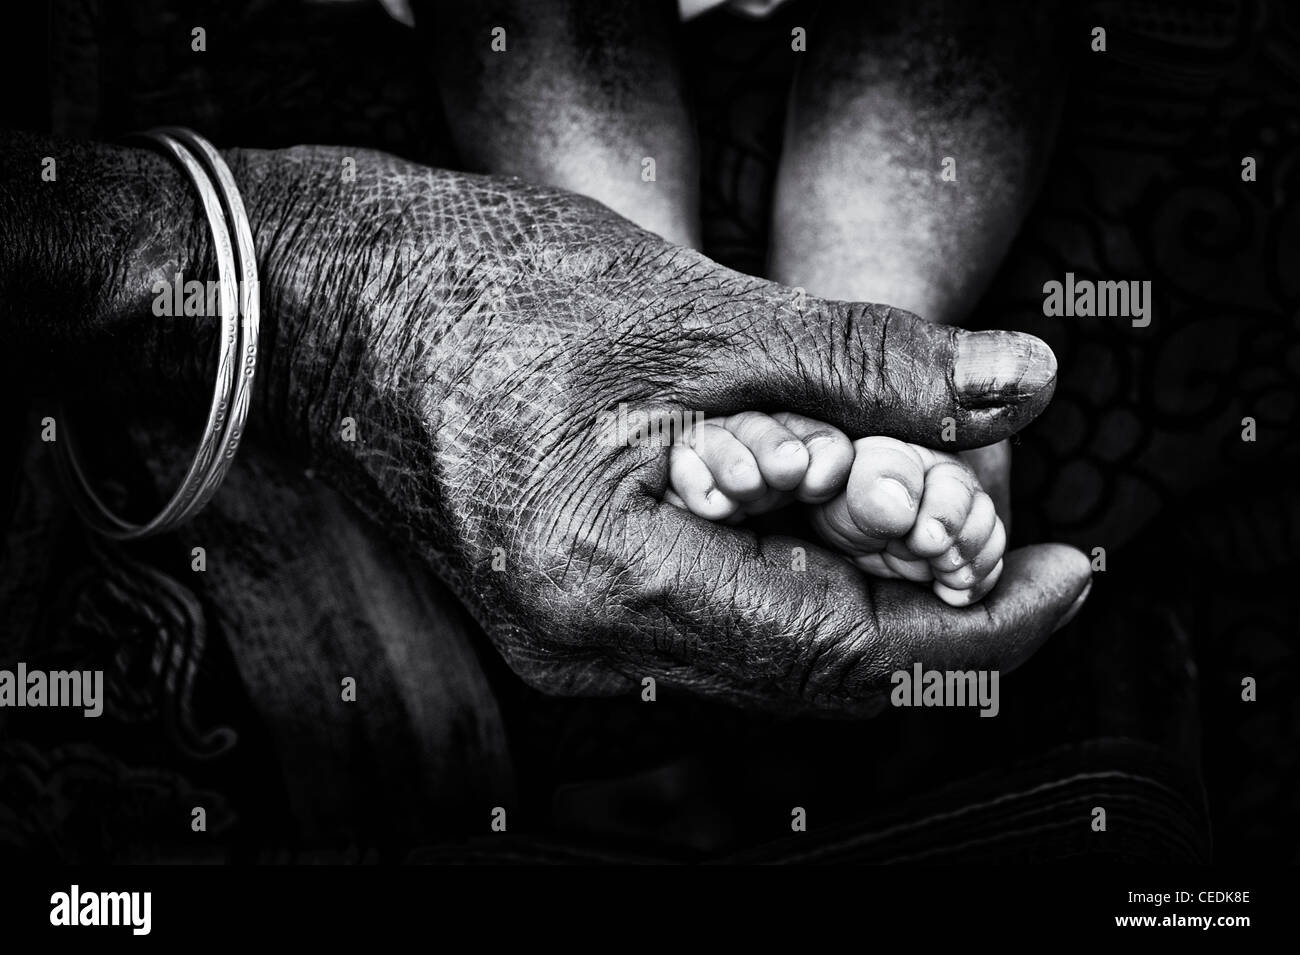 Nonna indiano holding neonati a piedi nudi. Andhra Pradesh, India. Immagini Stock